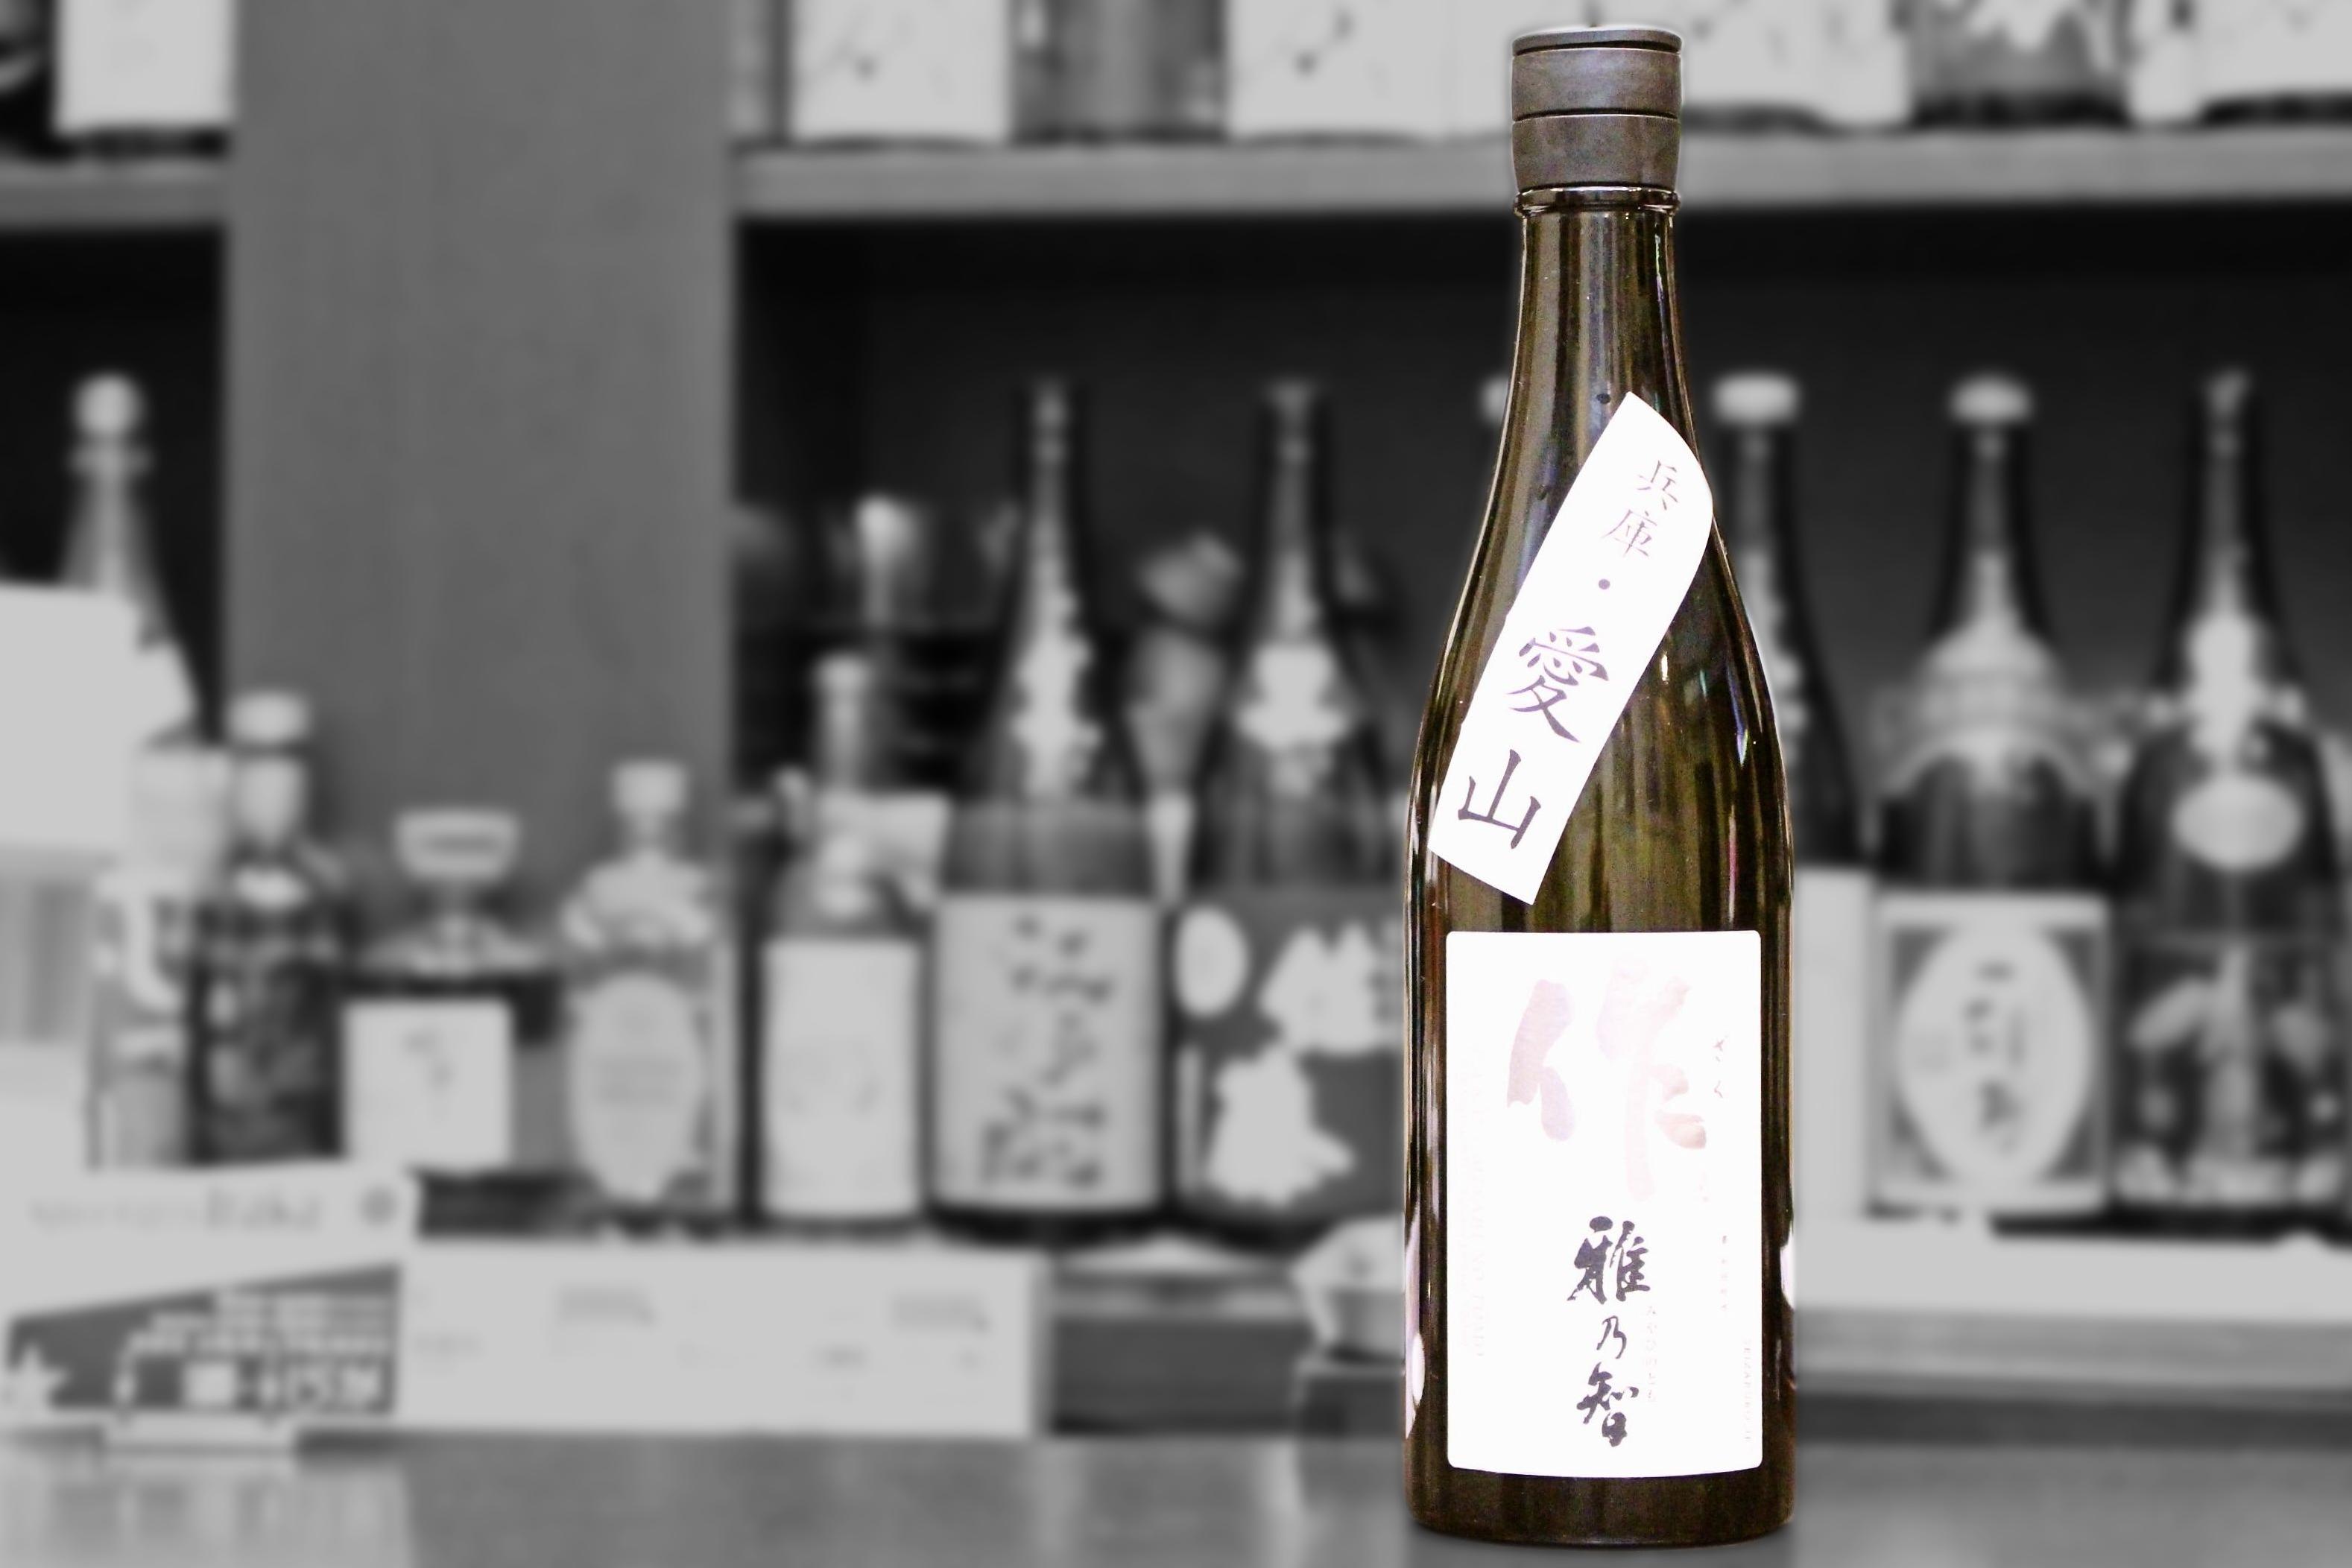 作雅の智播州愛山純米吟醸生202004-001